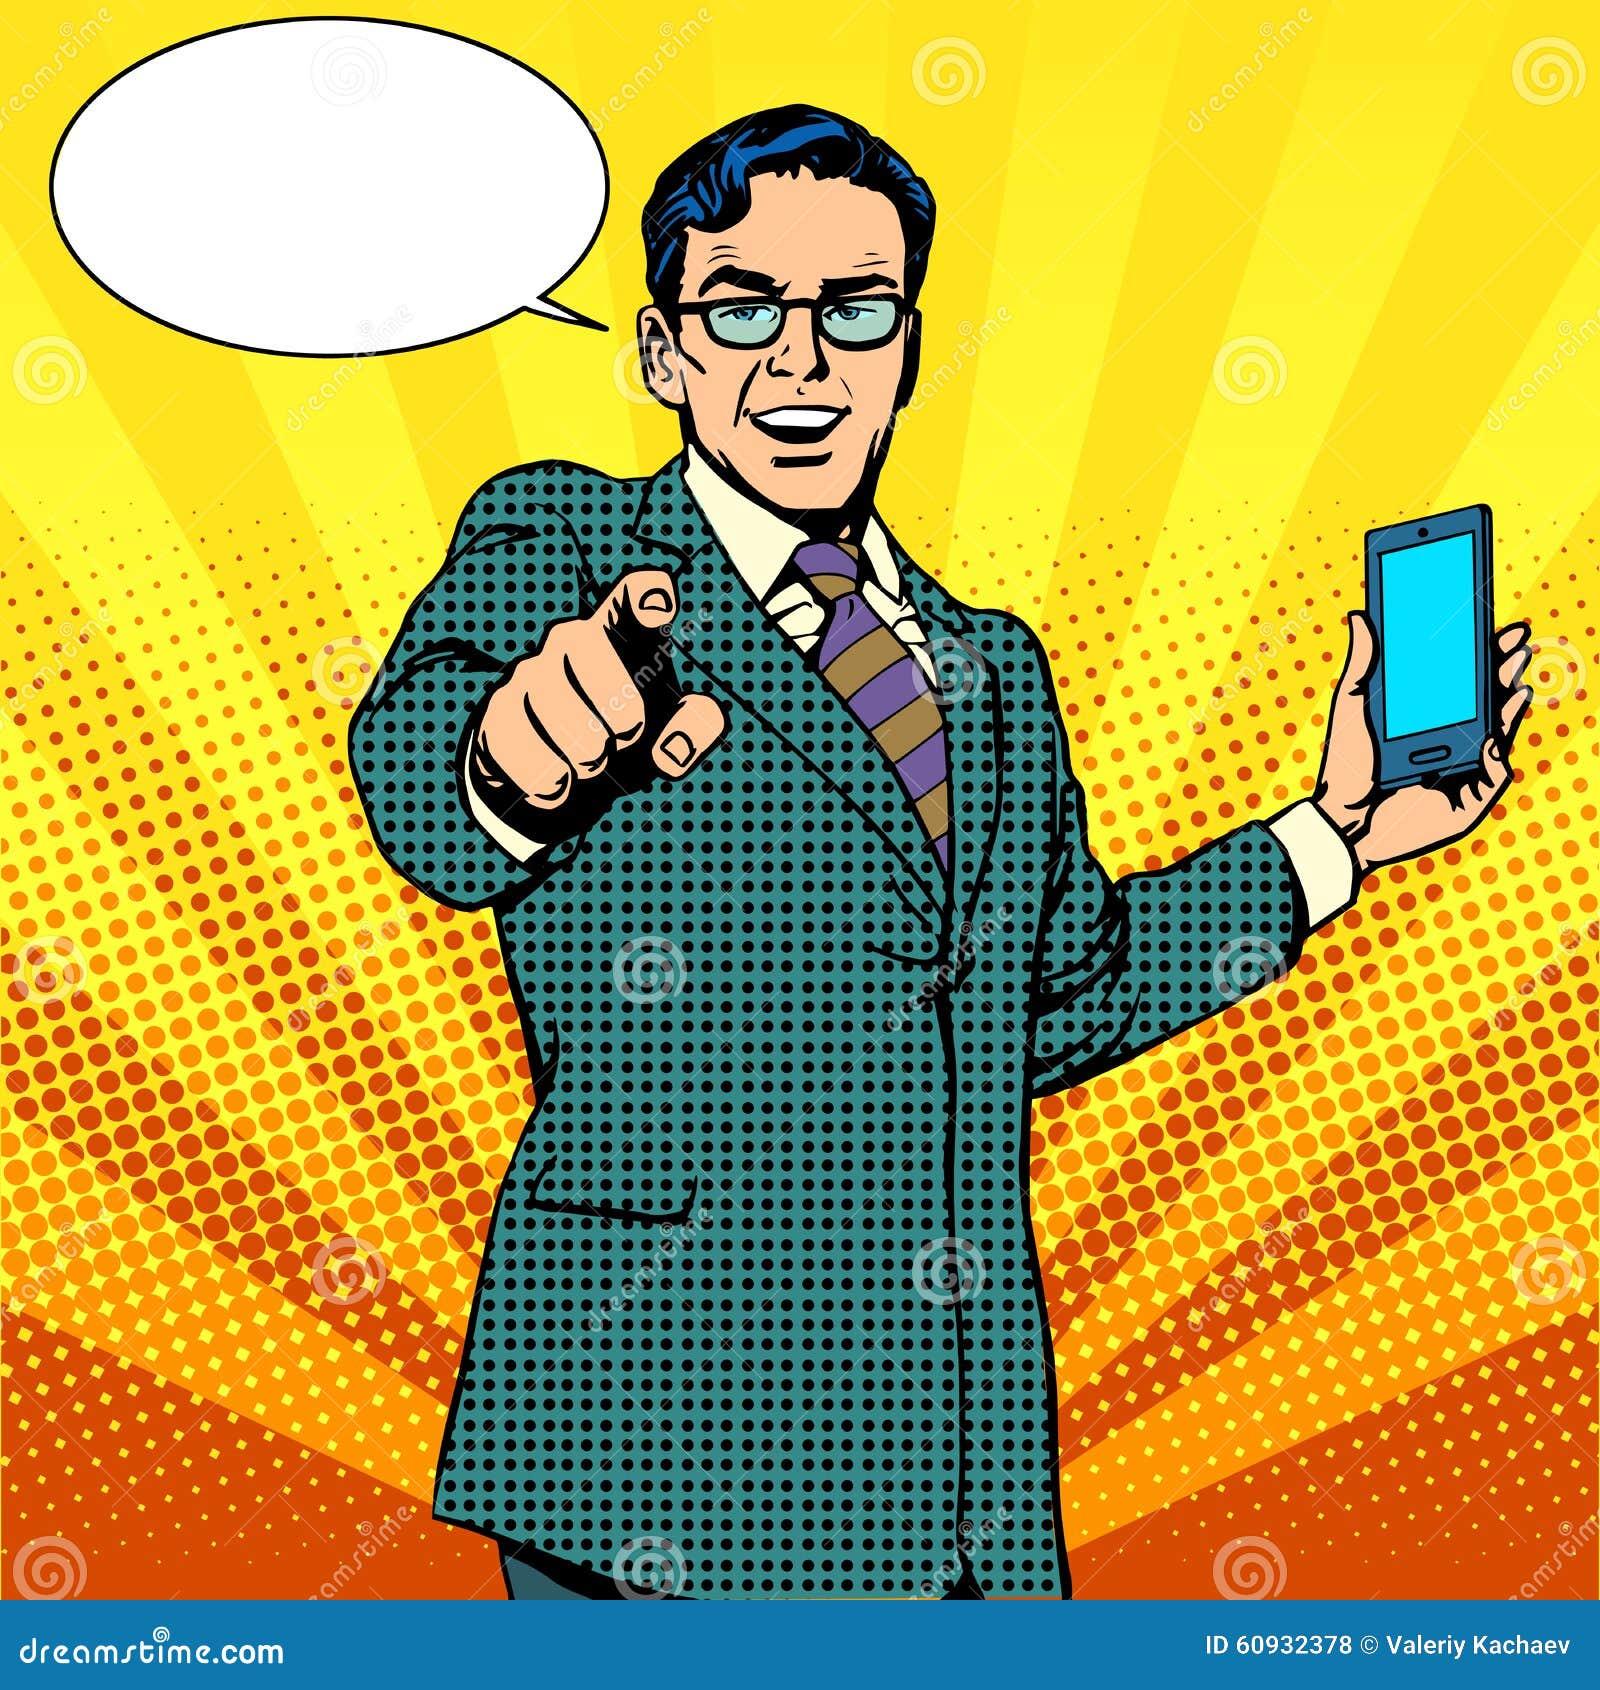 Koop een nieuw gadget en telefoon bedrijfsconcept